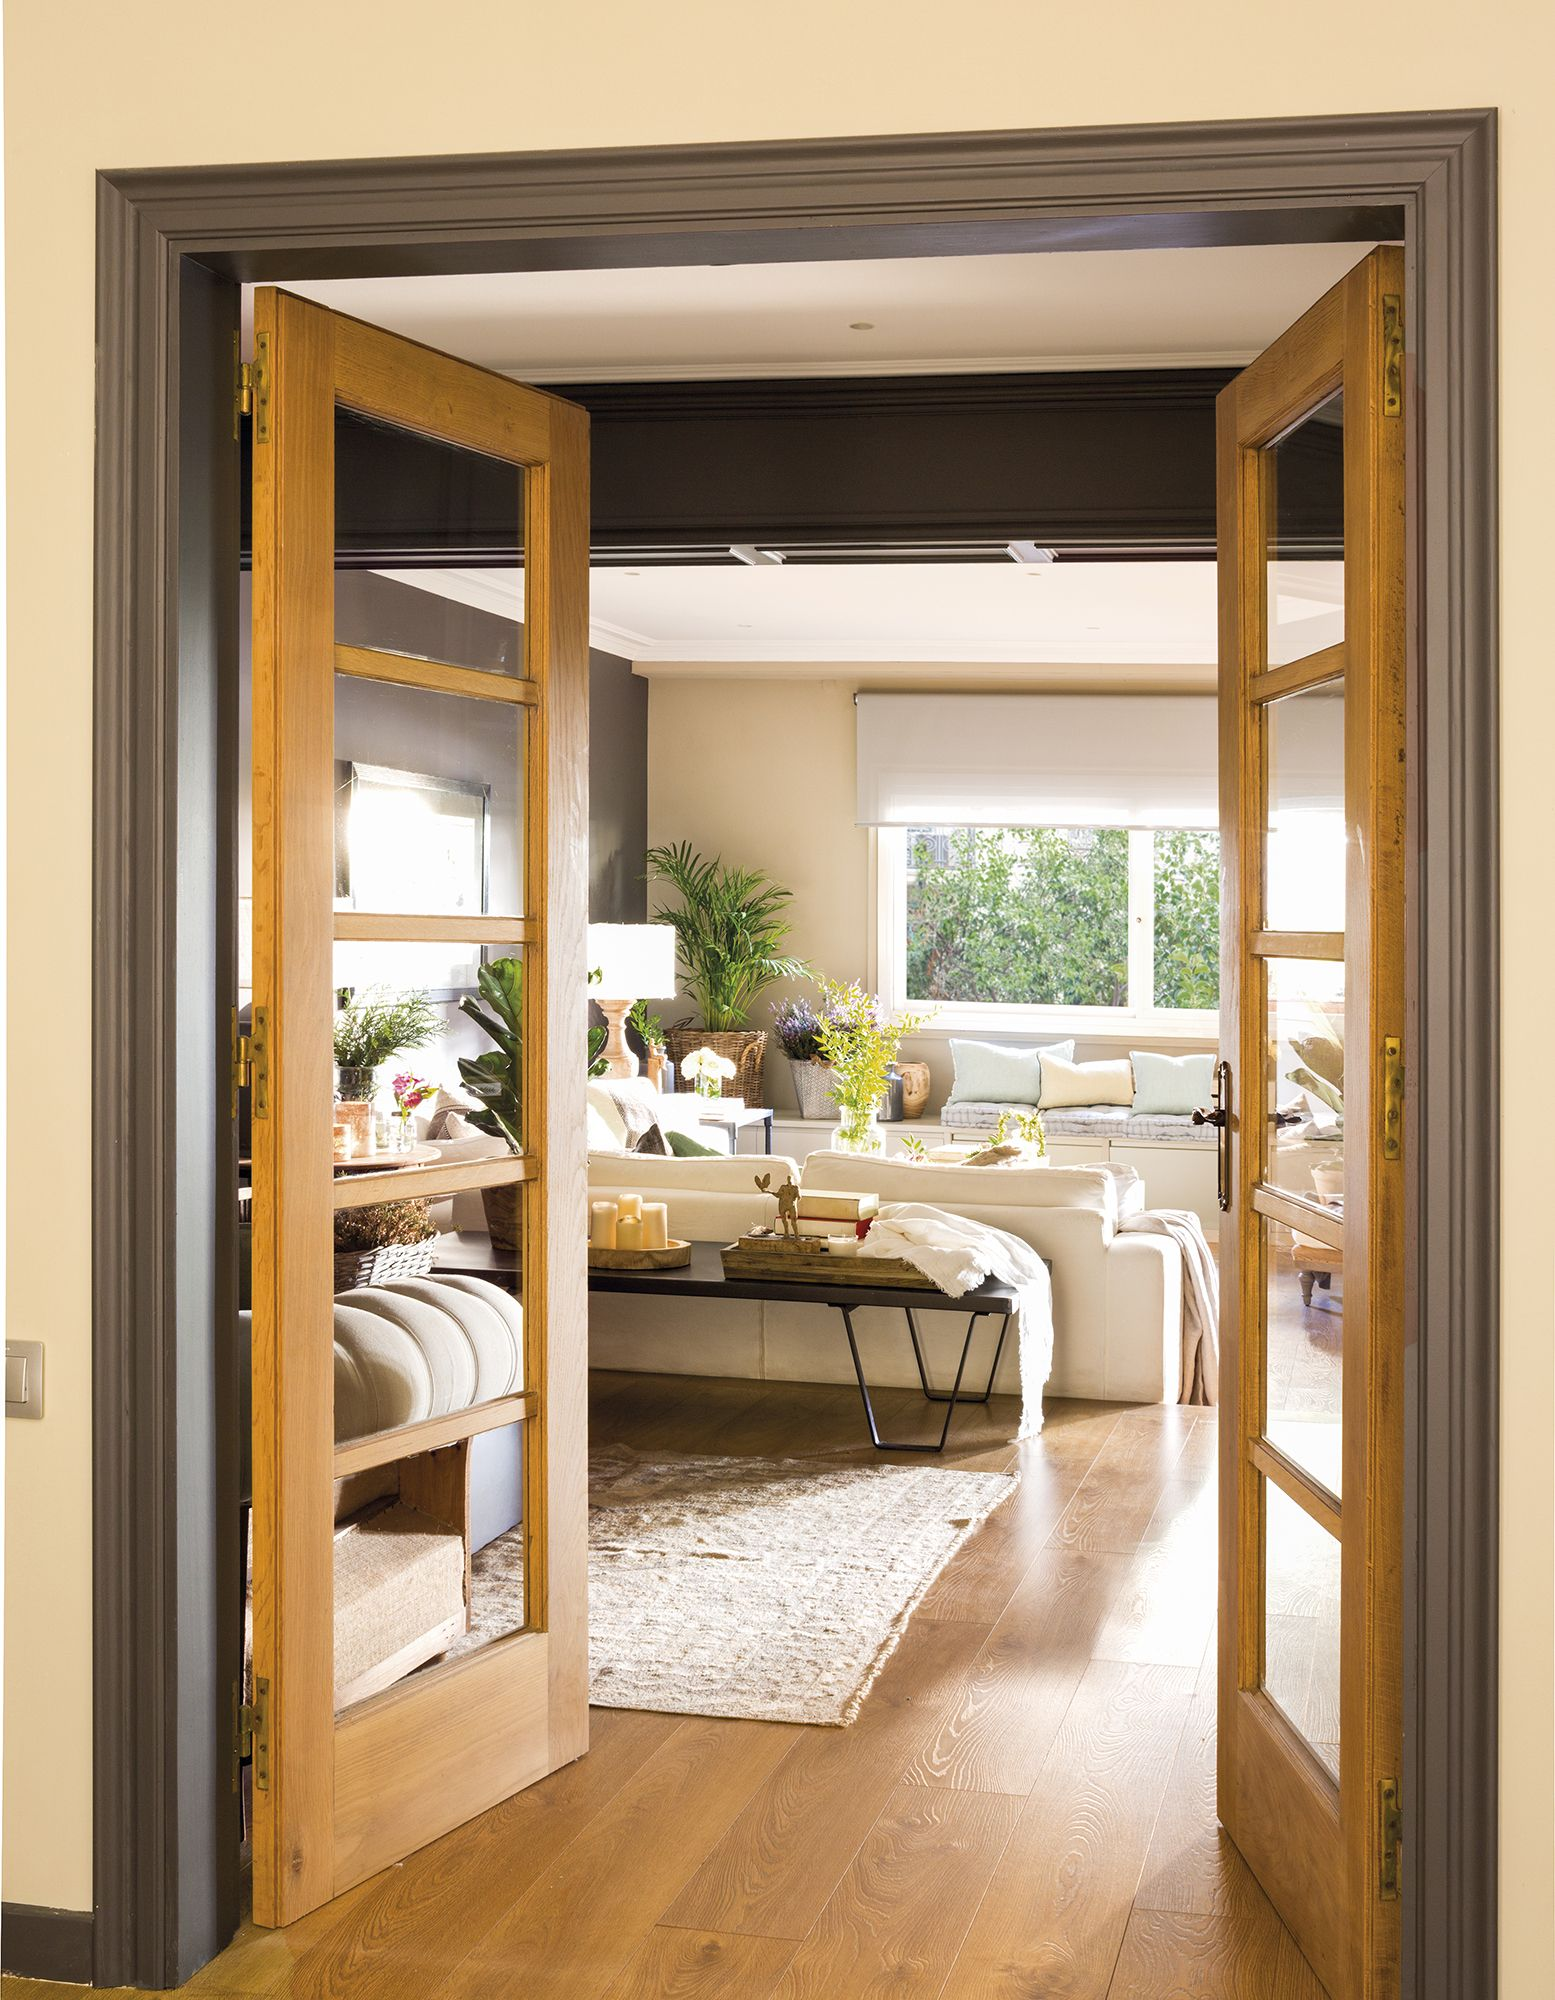 Un piso con aires de club ingl s puertas puertas - Puertas piso interior ...